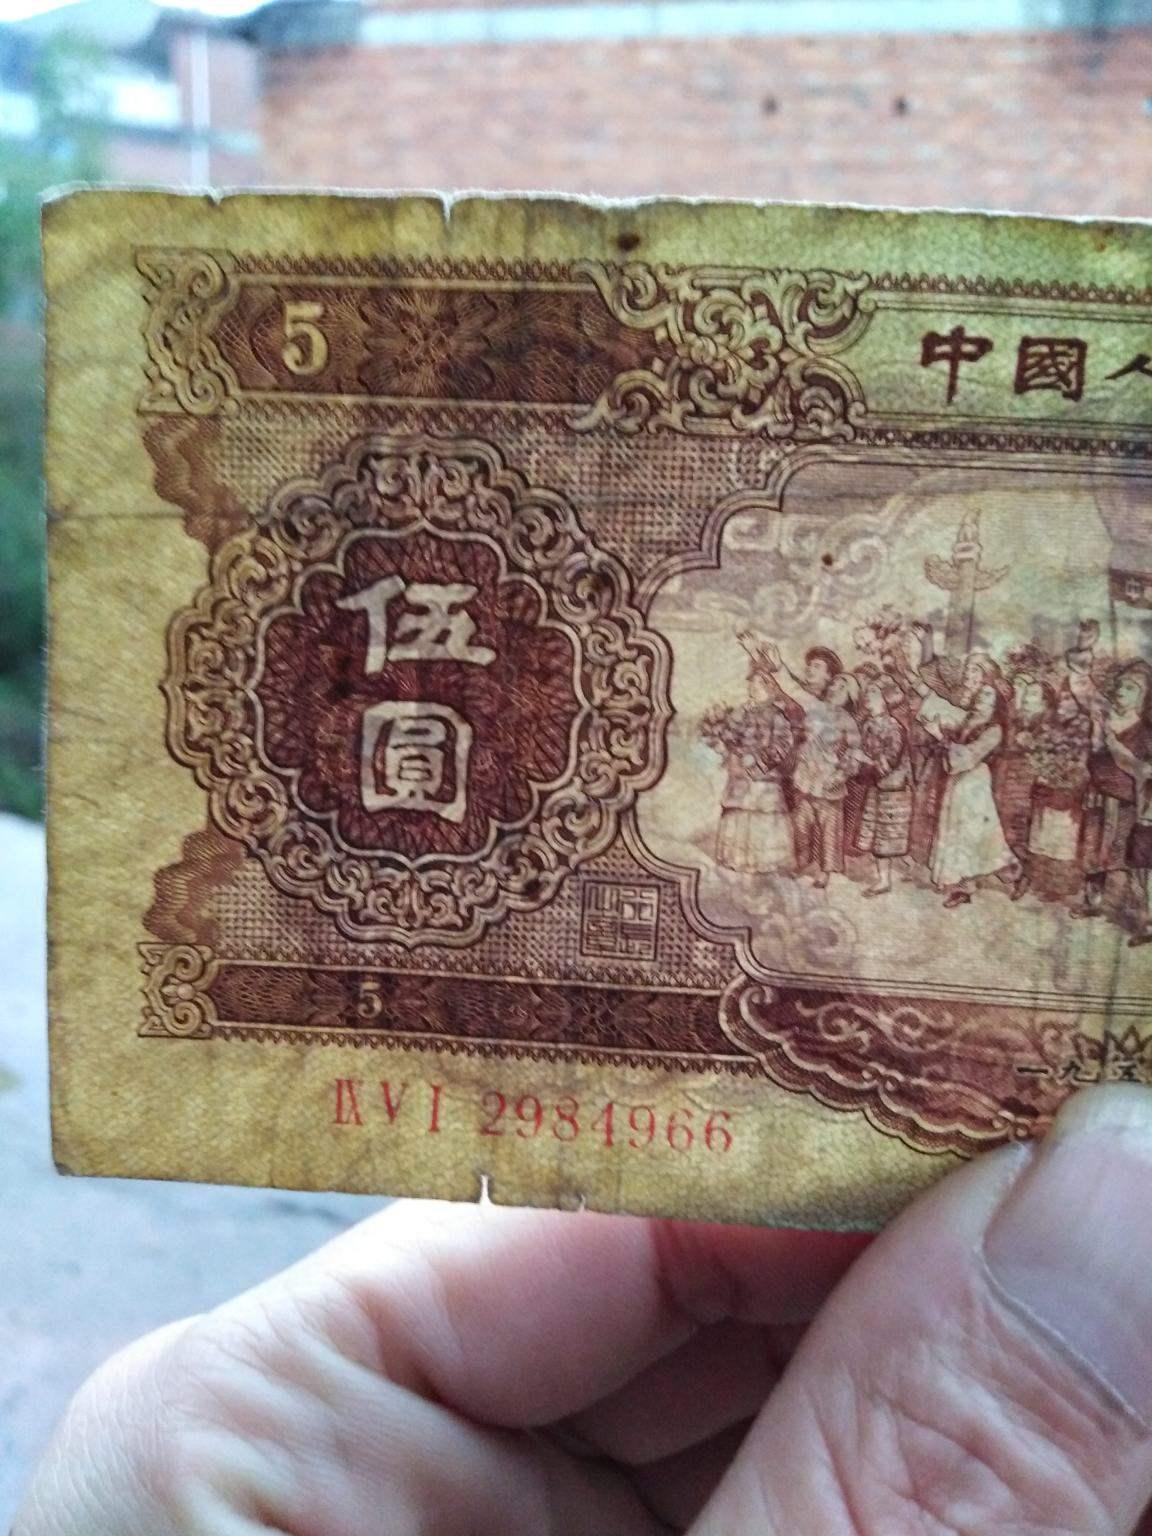 广州高价回收56年5元人民币,广州诚信回收56年5元人民币